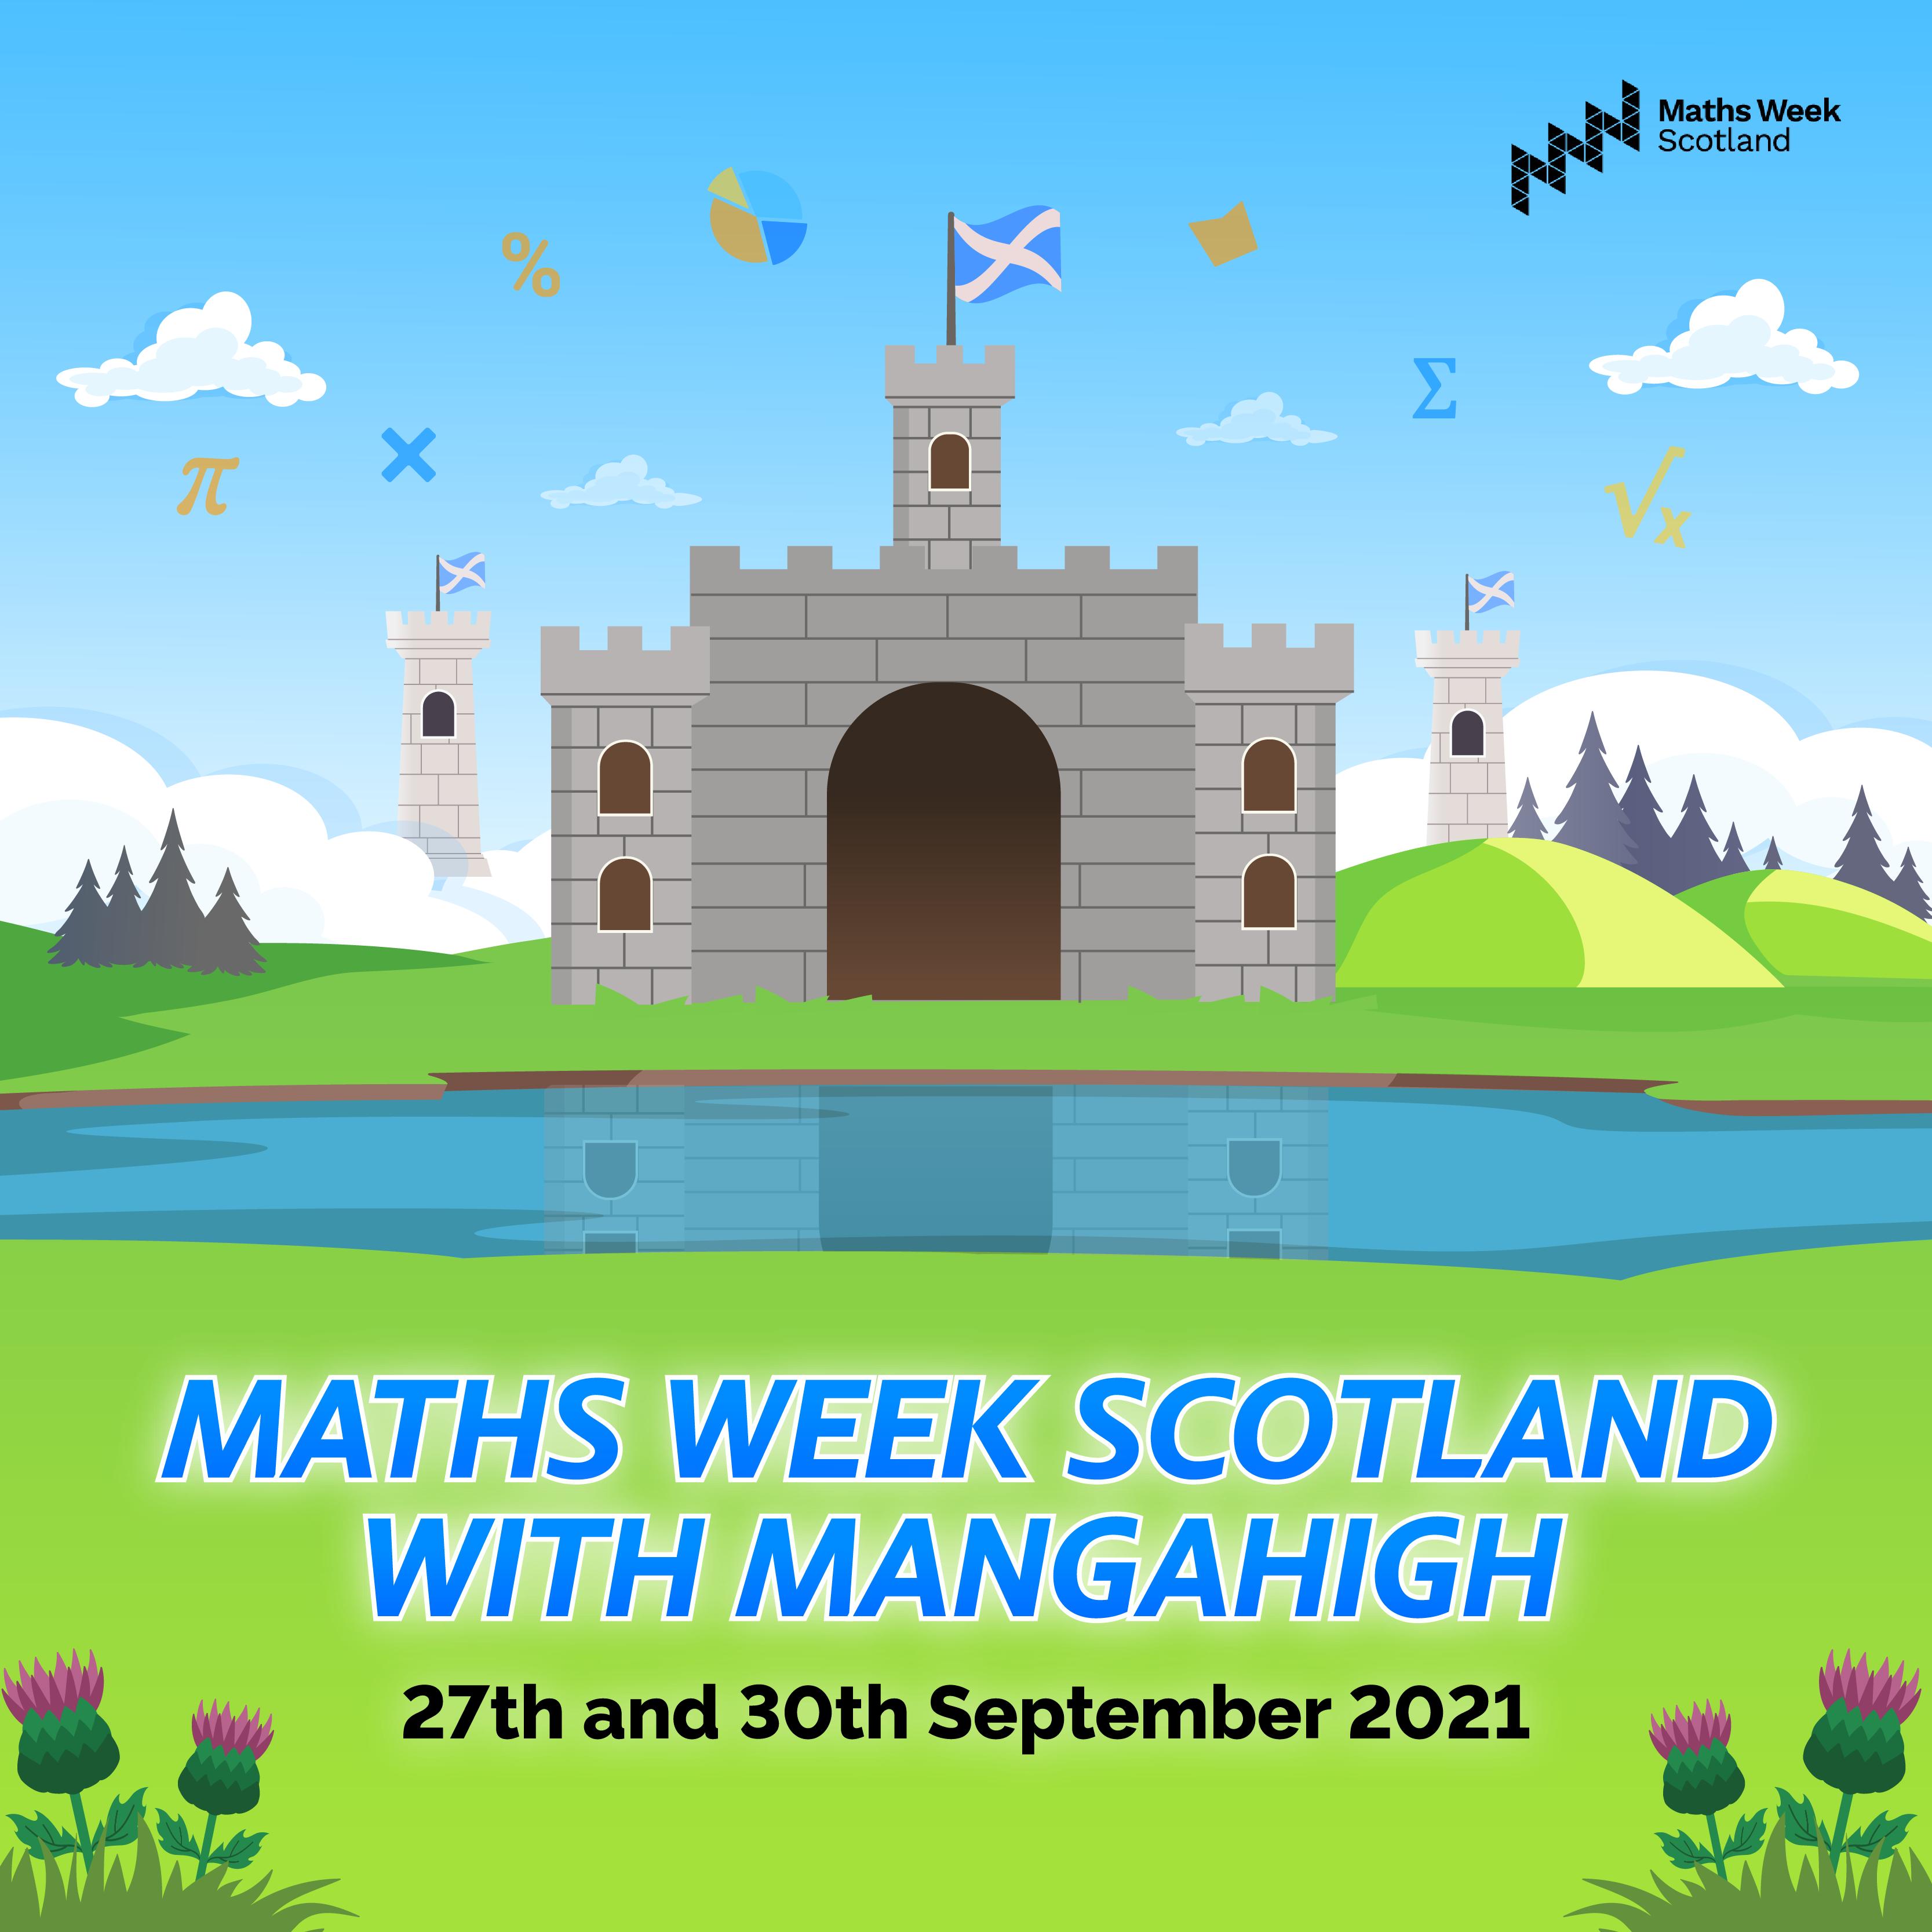 Maths Week Scotland 2021